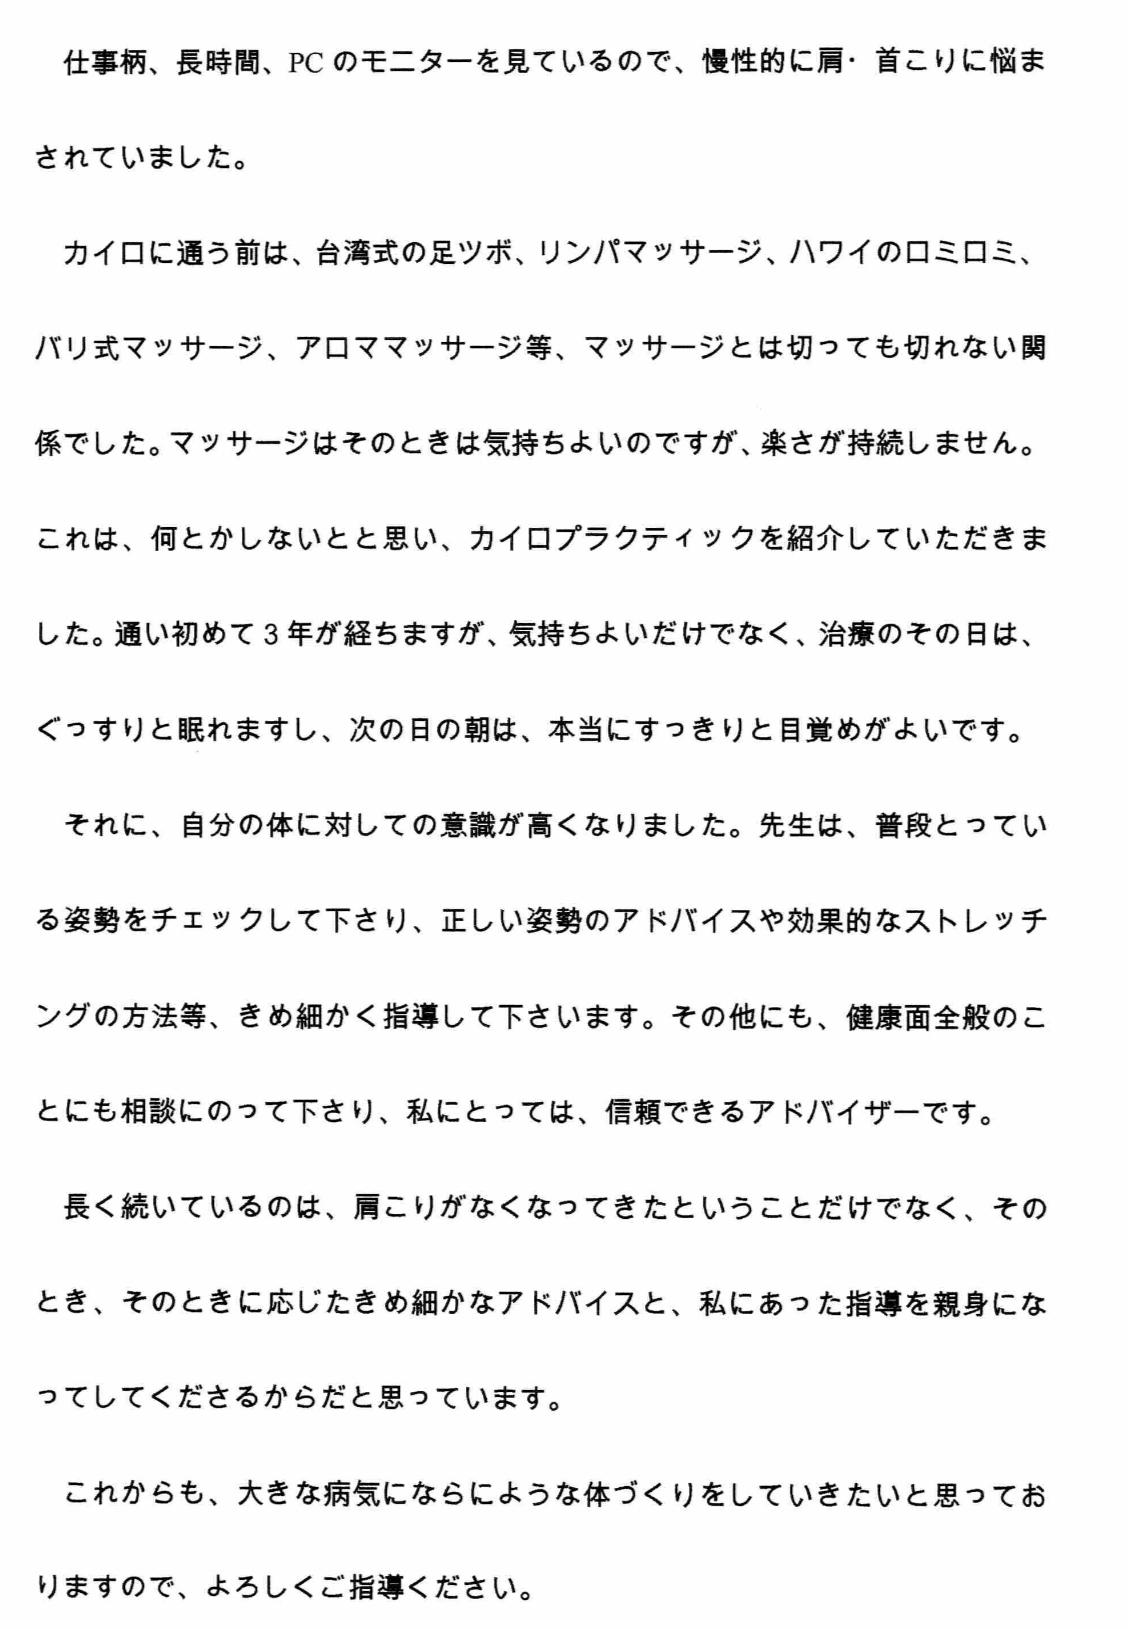 kanjyayorokobi009_copy.jpg